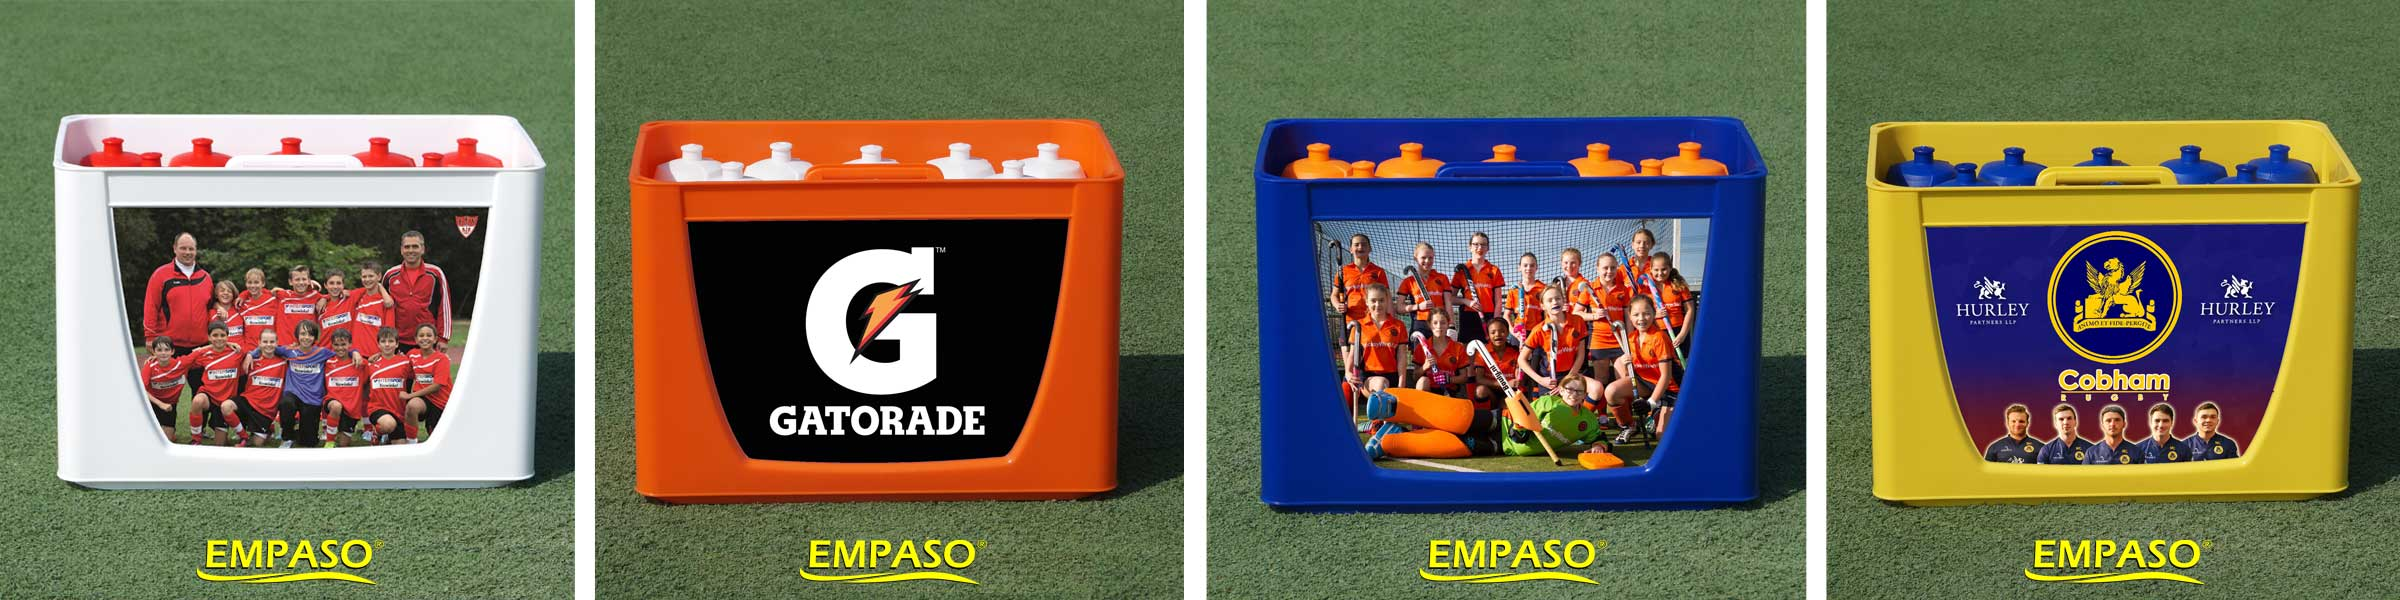 EMPASO 12 Sport bottle TeamCrate - bottle carrier set